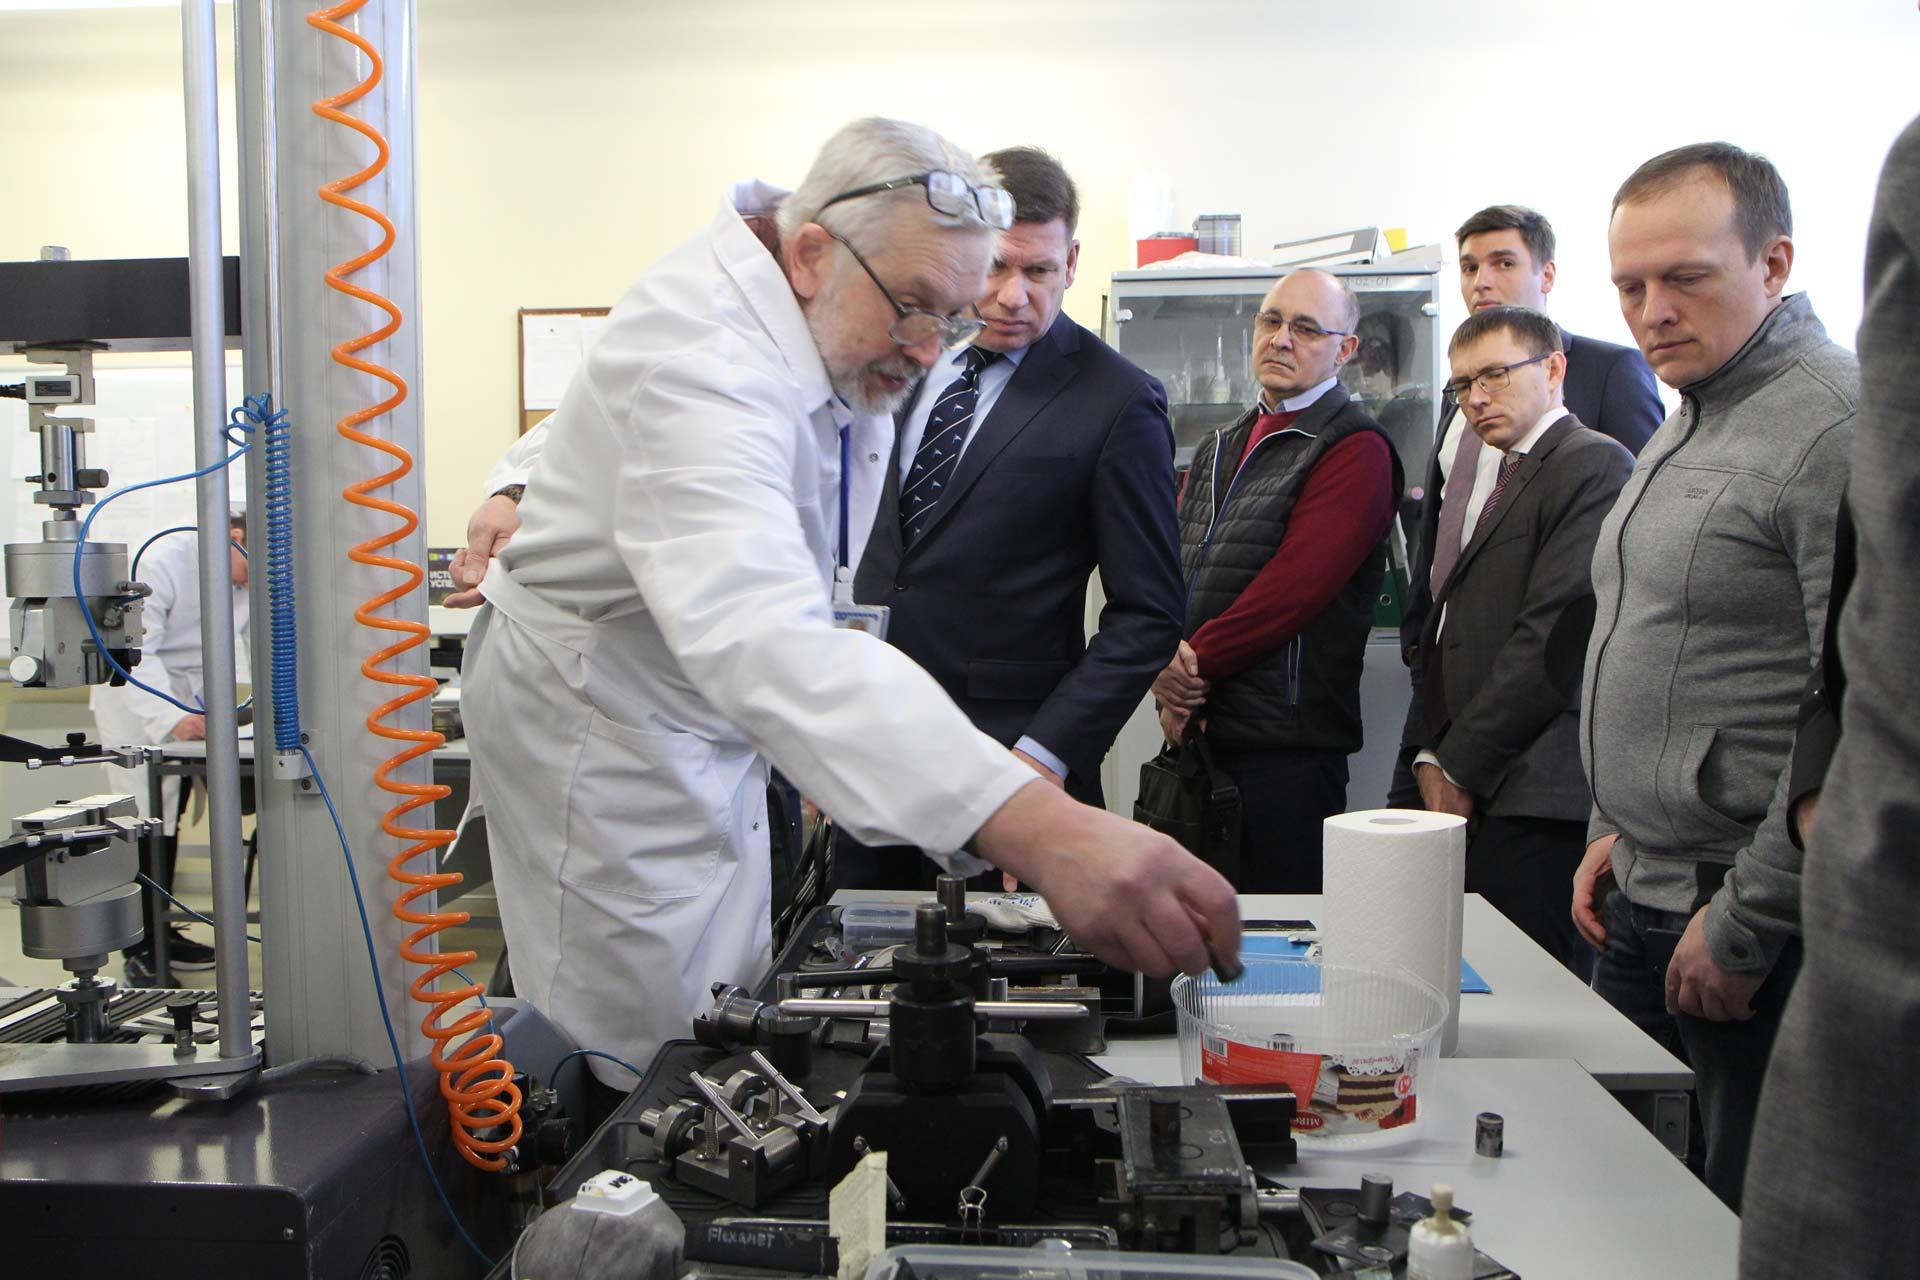 ТМК и Сколтех обсудили перспективы научно-технического и образовательного сотрудничества